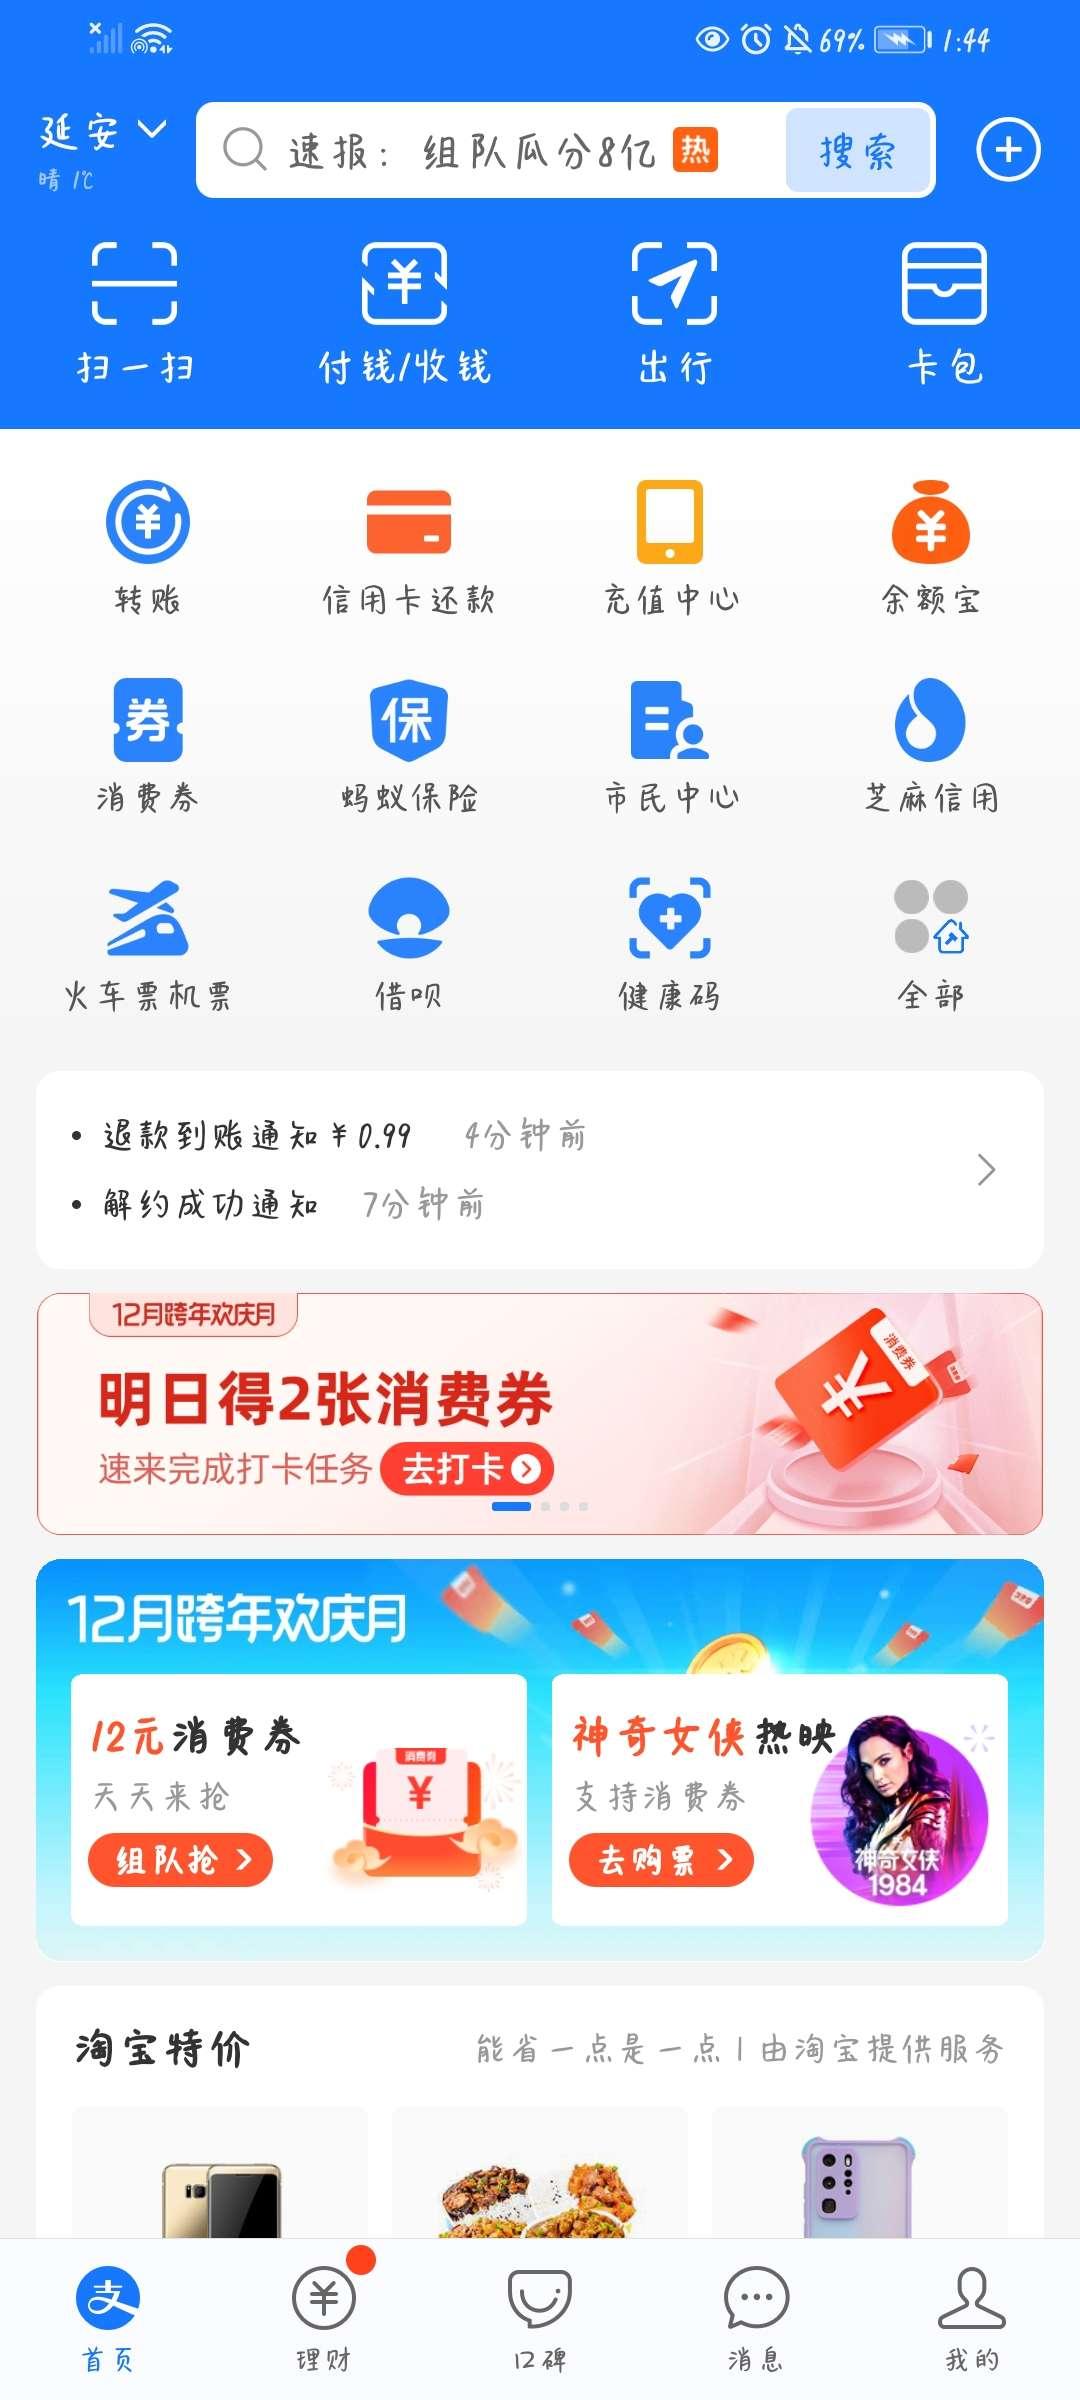 图片[1]-支付宝10充20话费-老友薅羊毛活动线报网